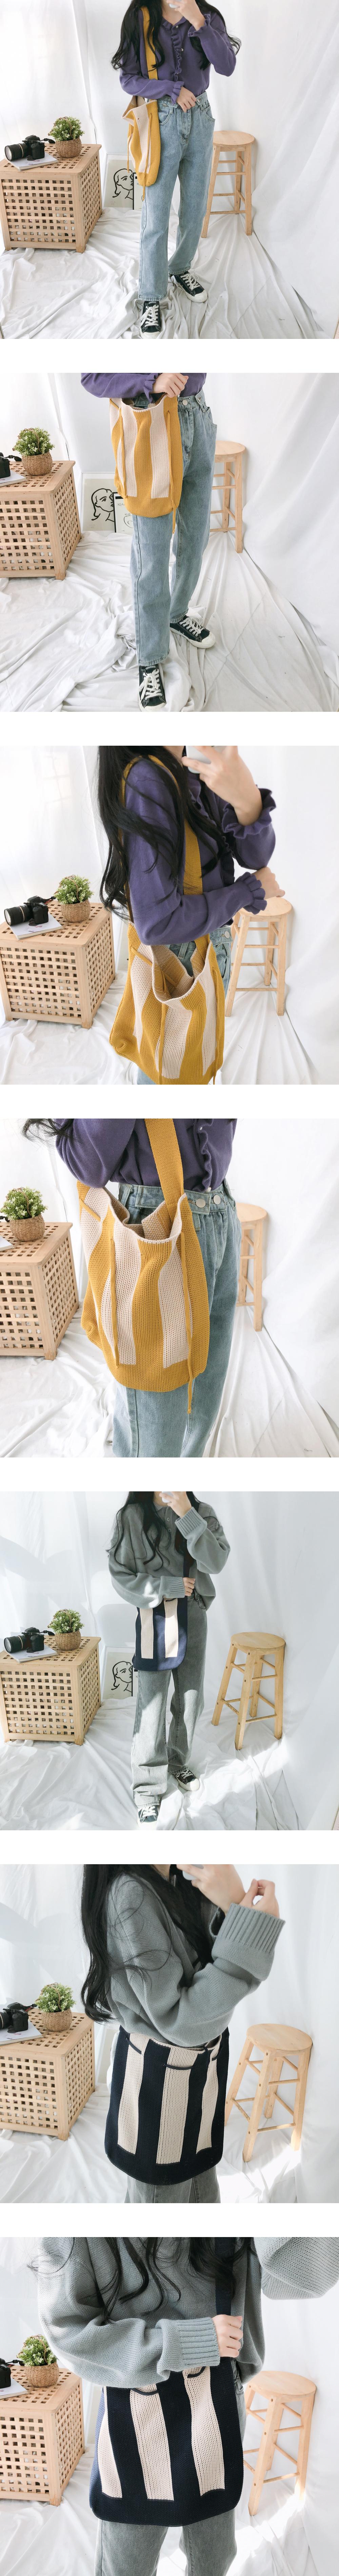 6002 bokjori knit shoulder bag